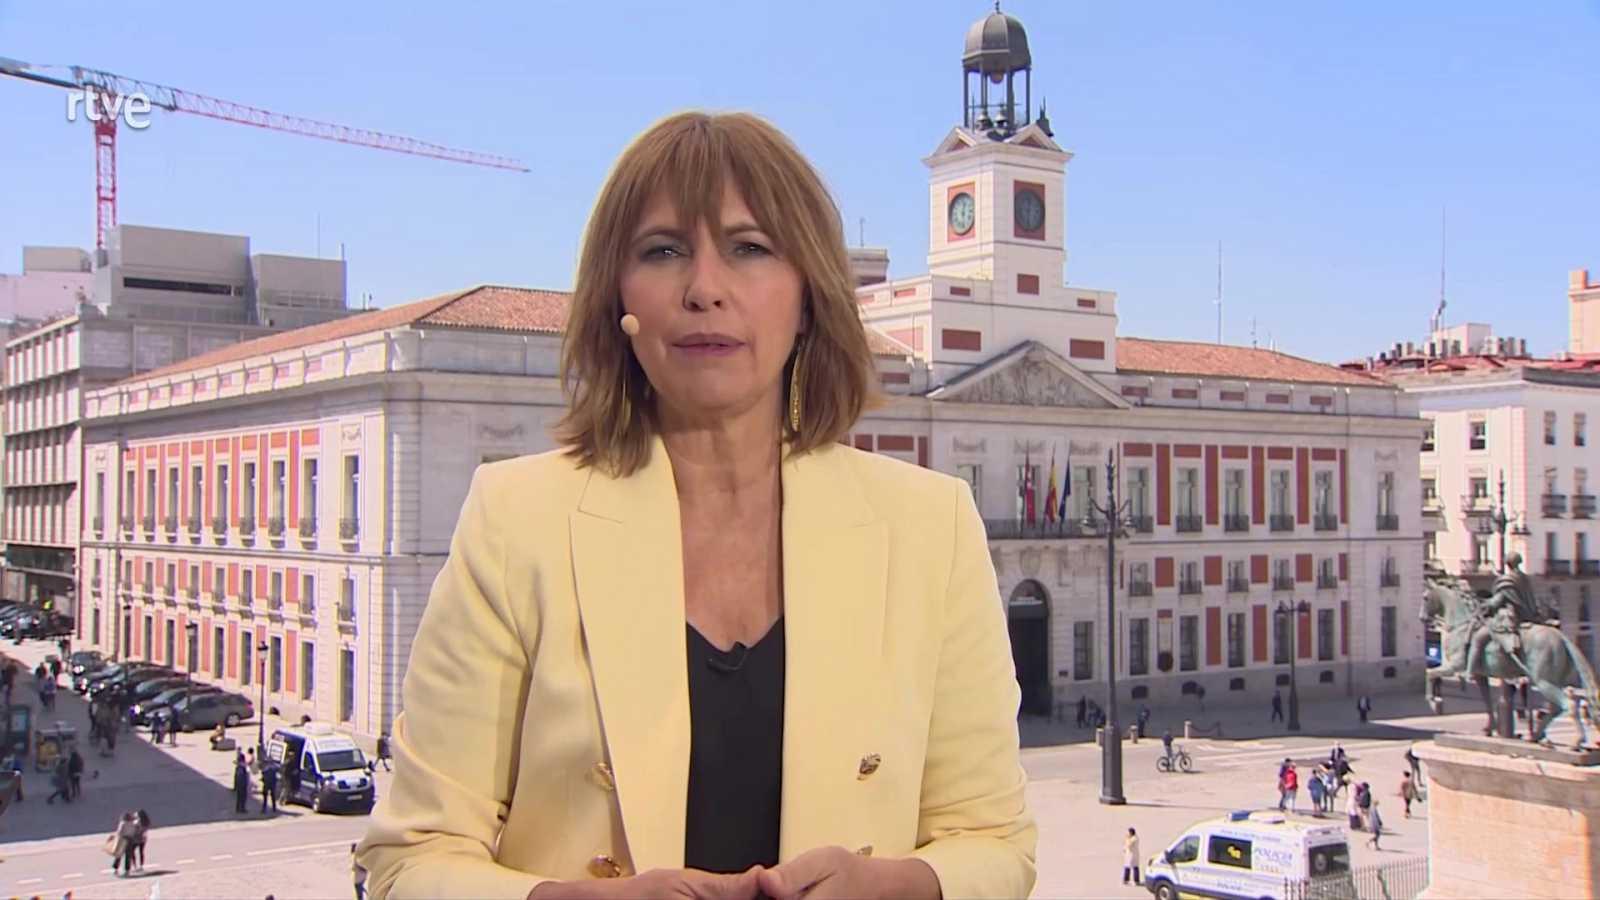 Avance informativo - Jornada electoral autonómica en Madrid (2) - ver ahora